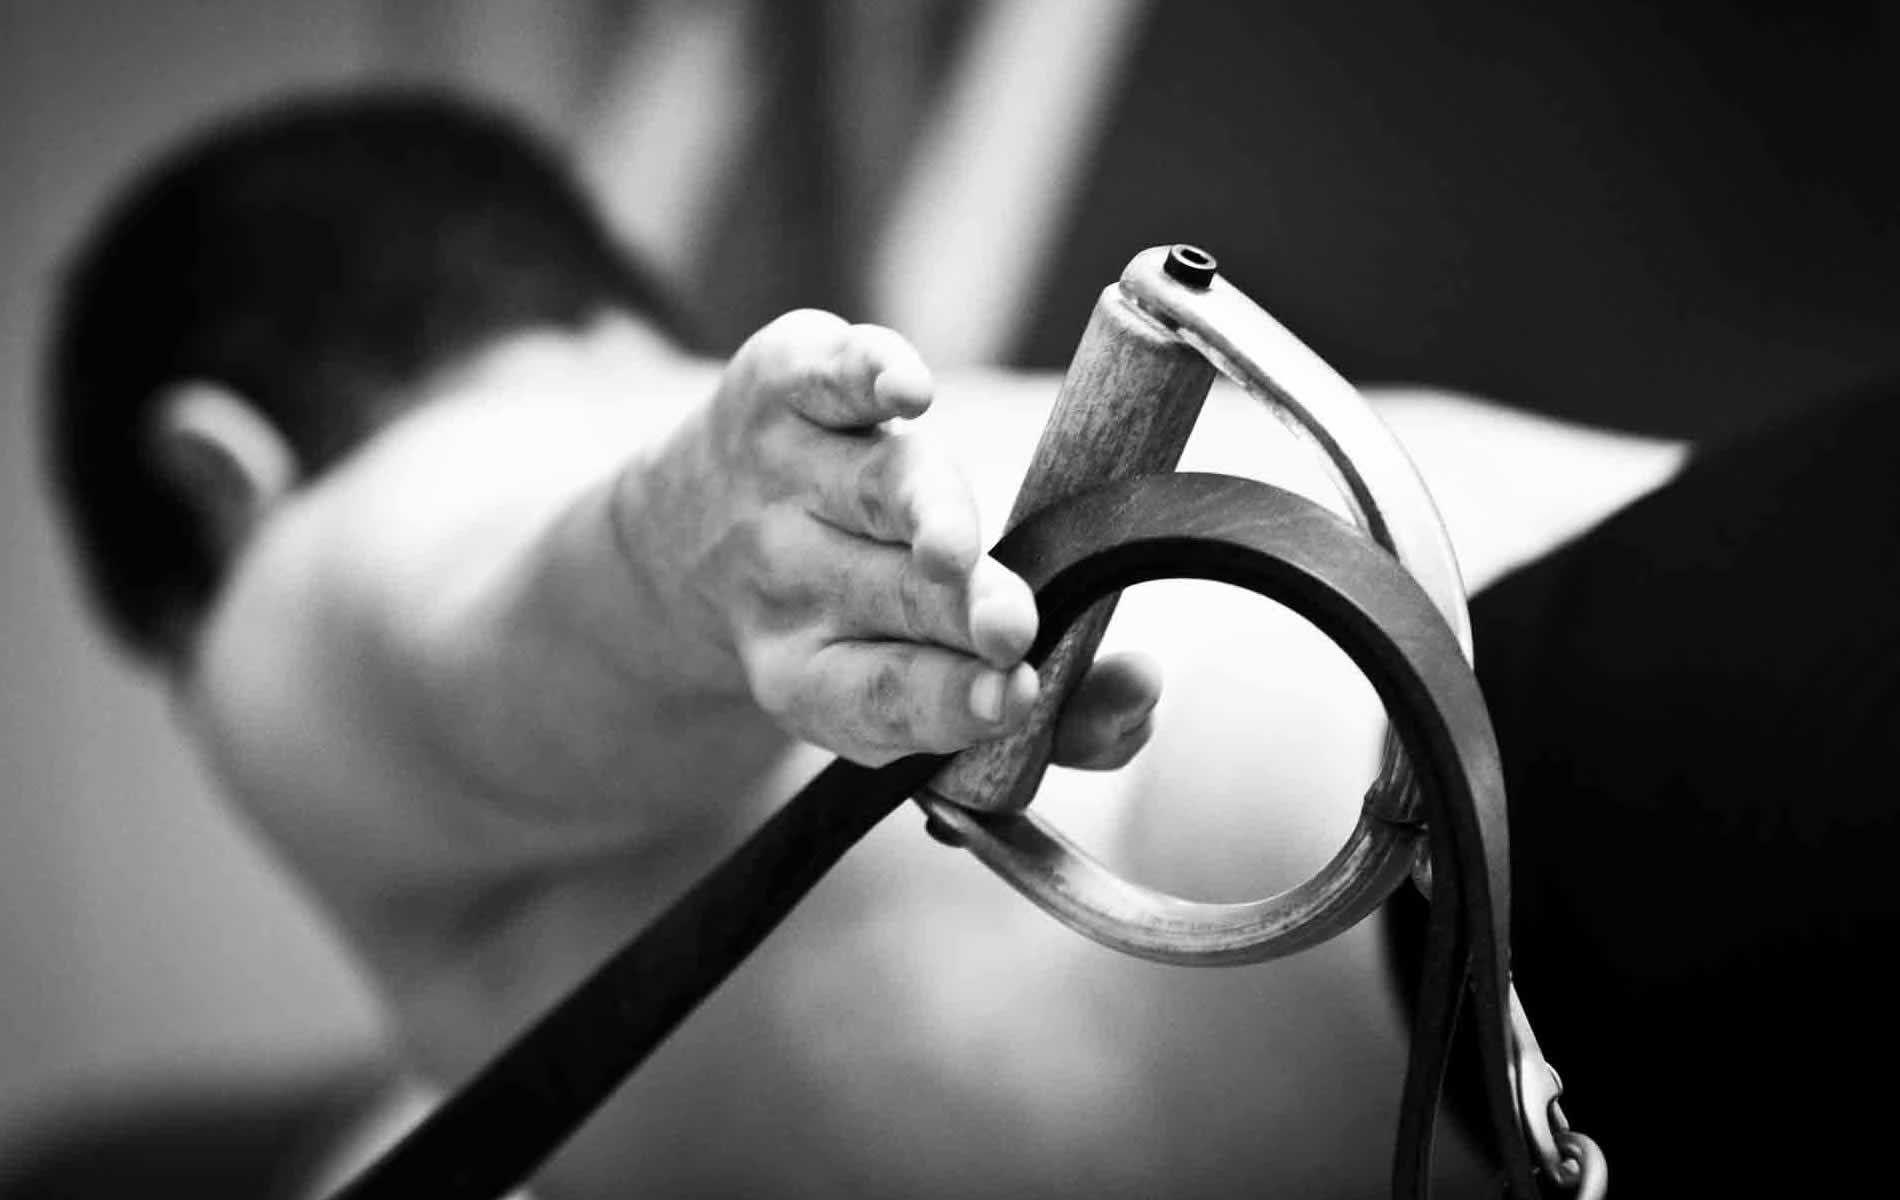 Με το Pilates μυαλό και σώμα δουλεύουν συνέχεια και χτίζουν δυνατούς κι επιμηκυμένους μύες, αφού συνδυάζει την αναπνοή και το συντονισμό όλου του σώματος